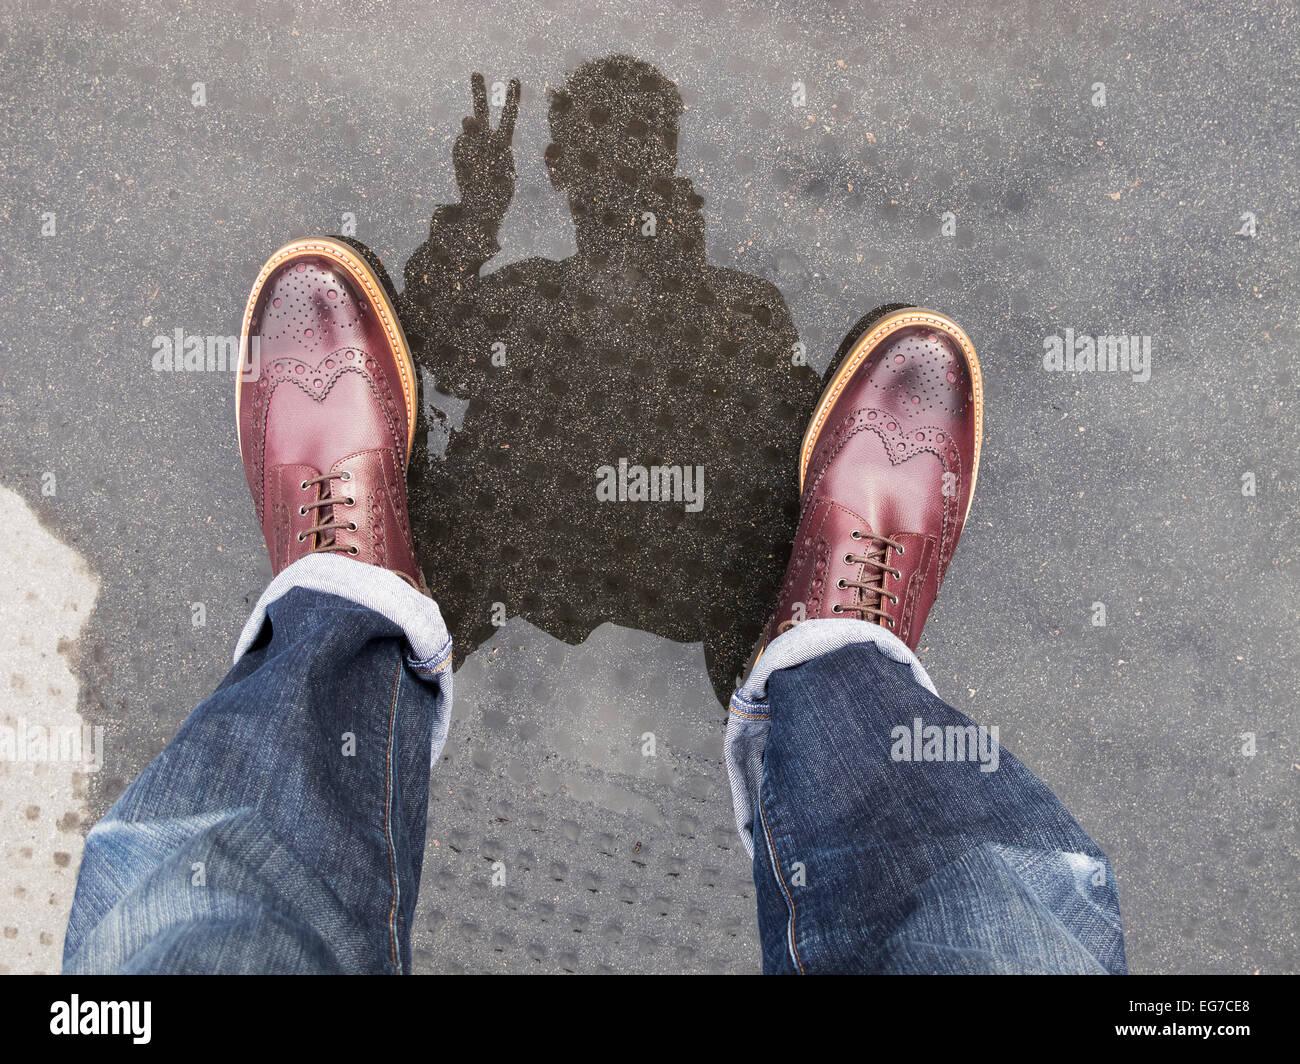 Una reflexión selfie fotografía en un charco haciendo un signo de paz con dos dedos Imagen De Stock